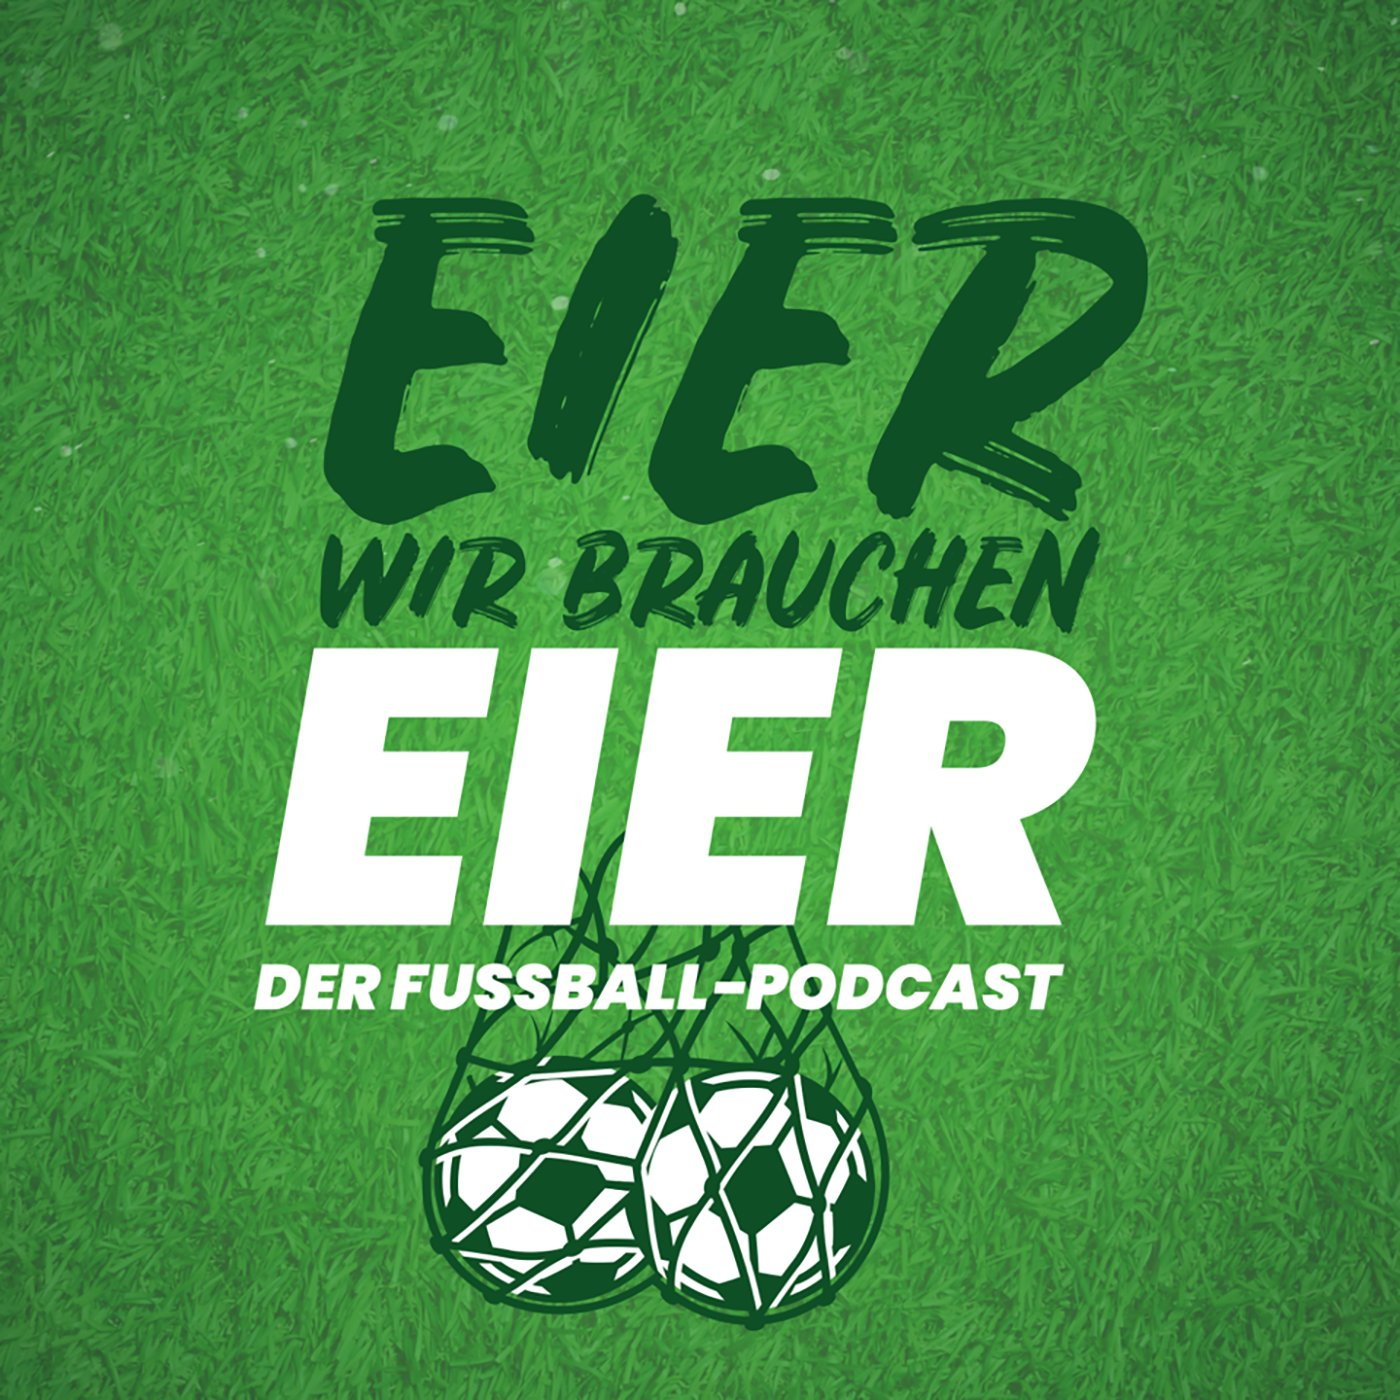 Der Fussball Podcast Eier Wir Brauchen Eier